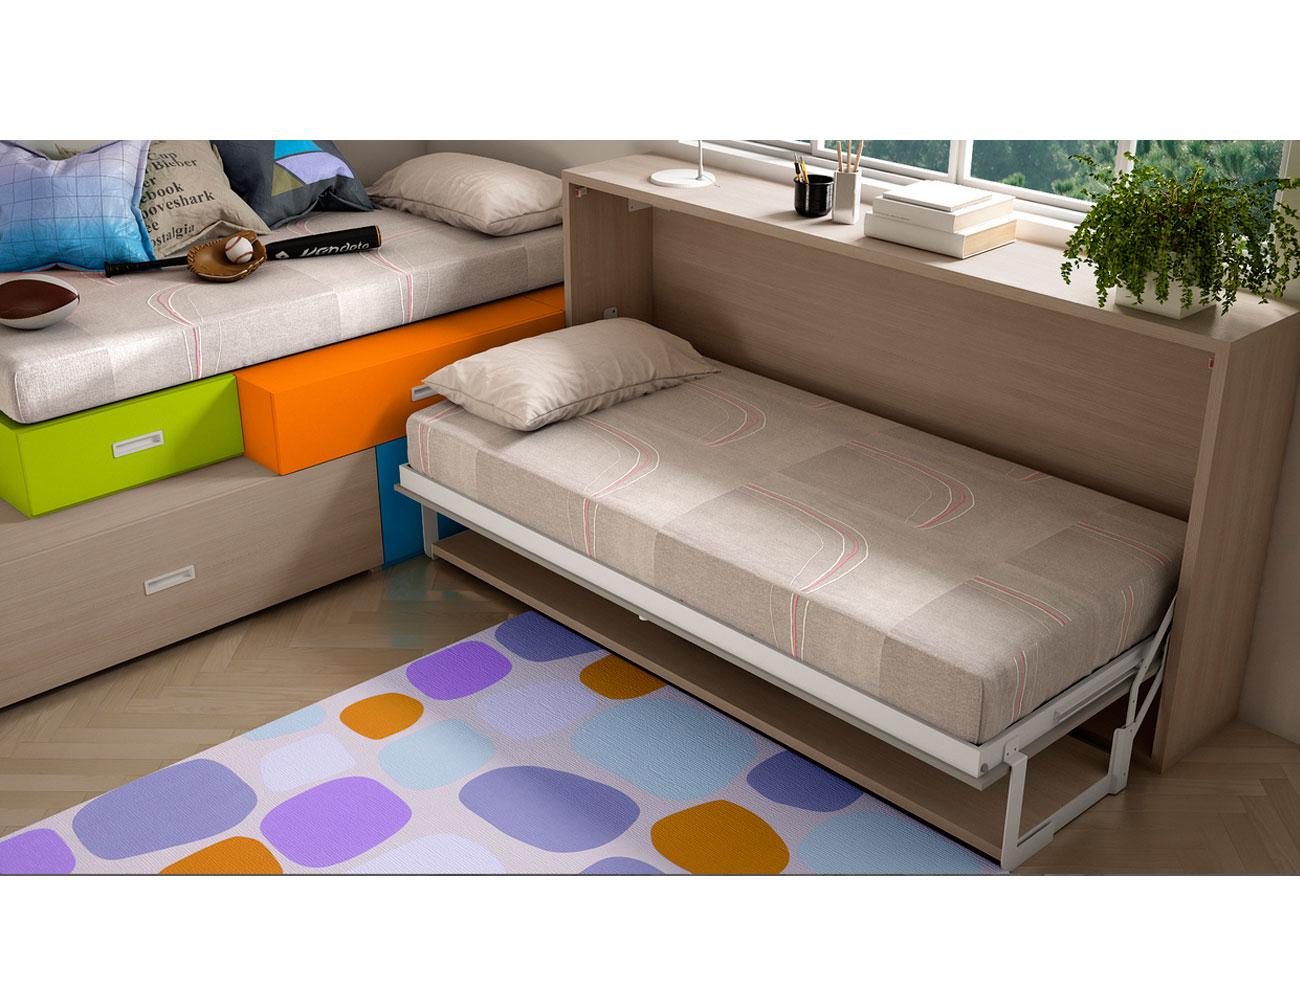 Dormitorio juvenil con 1 cama oculta y 1 cama abatible en for Cama oculta mueble